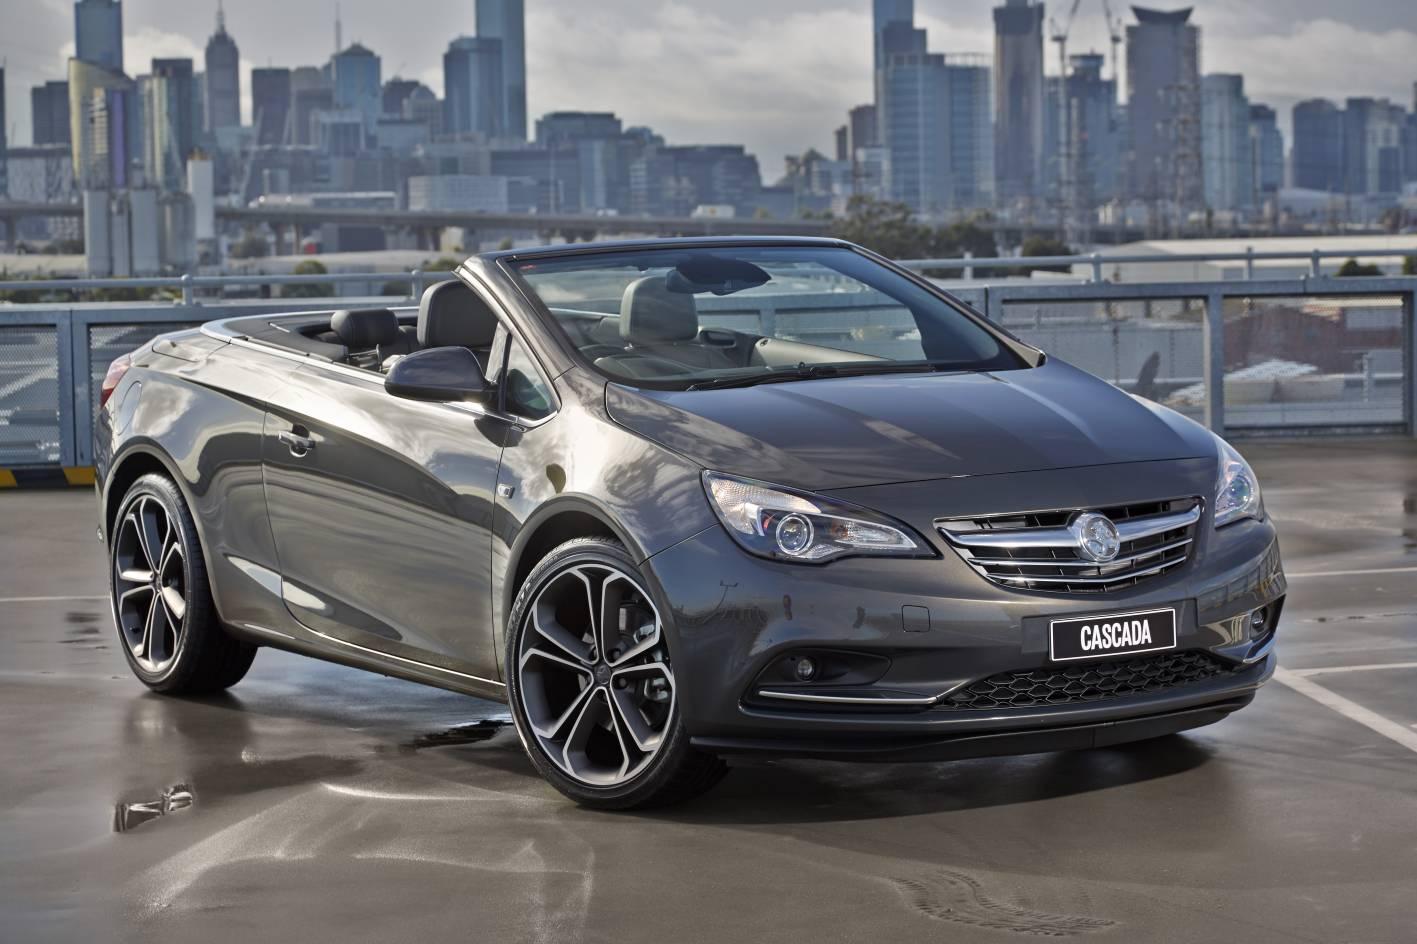 Holden Astra  Insignia  U0026 Cascada Coming In 2015